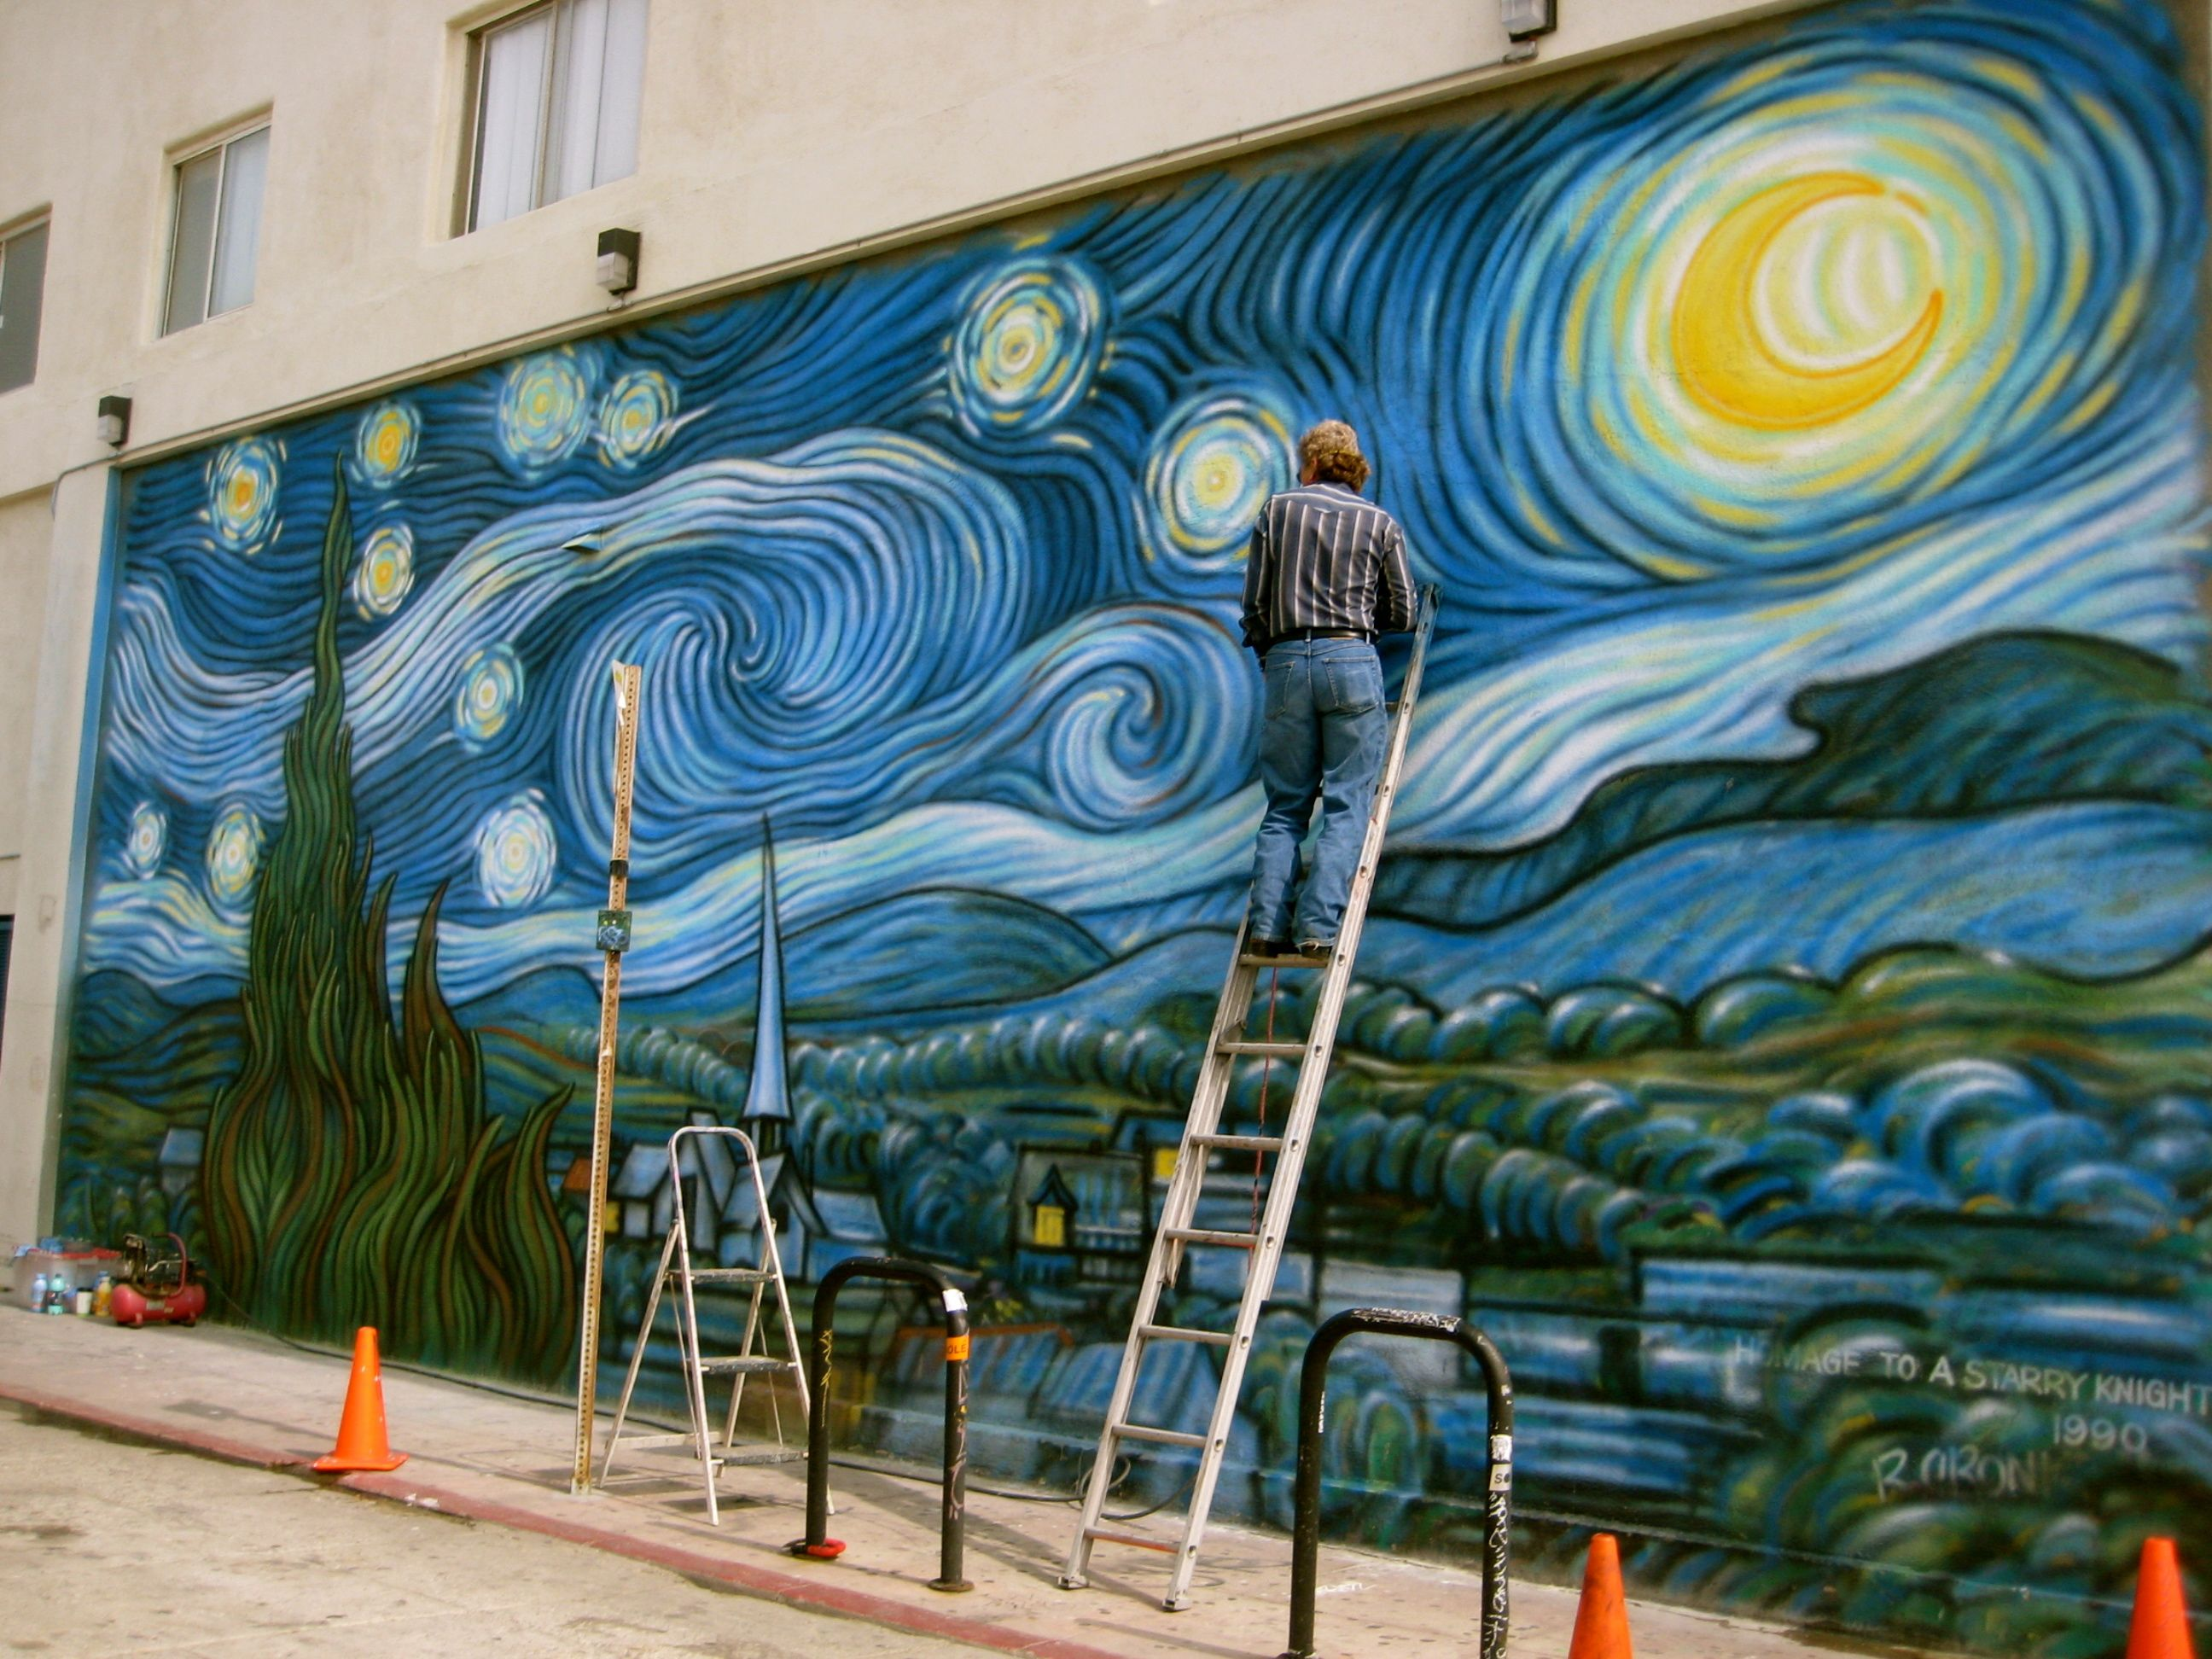 Resultado de imagen para la playa de la noche estrellada de Van Gogh en Venecia